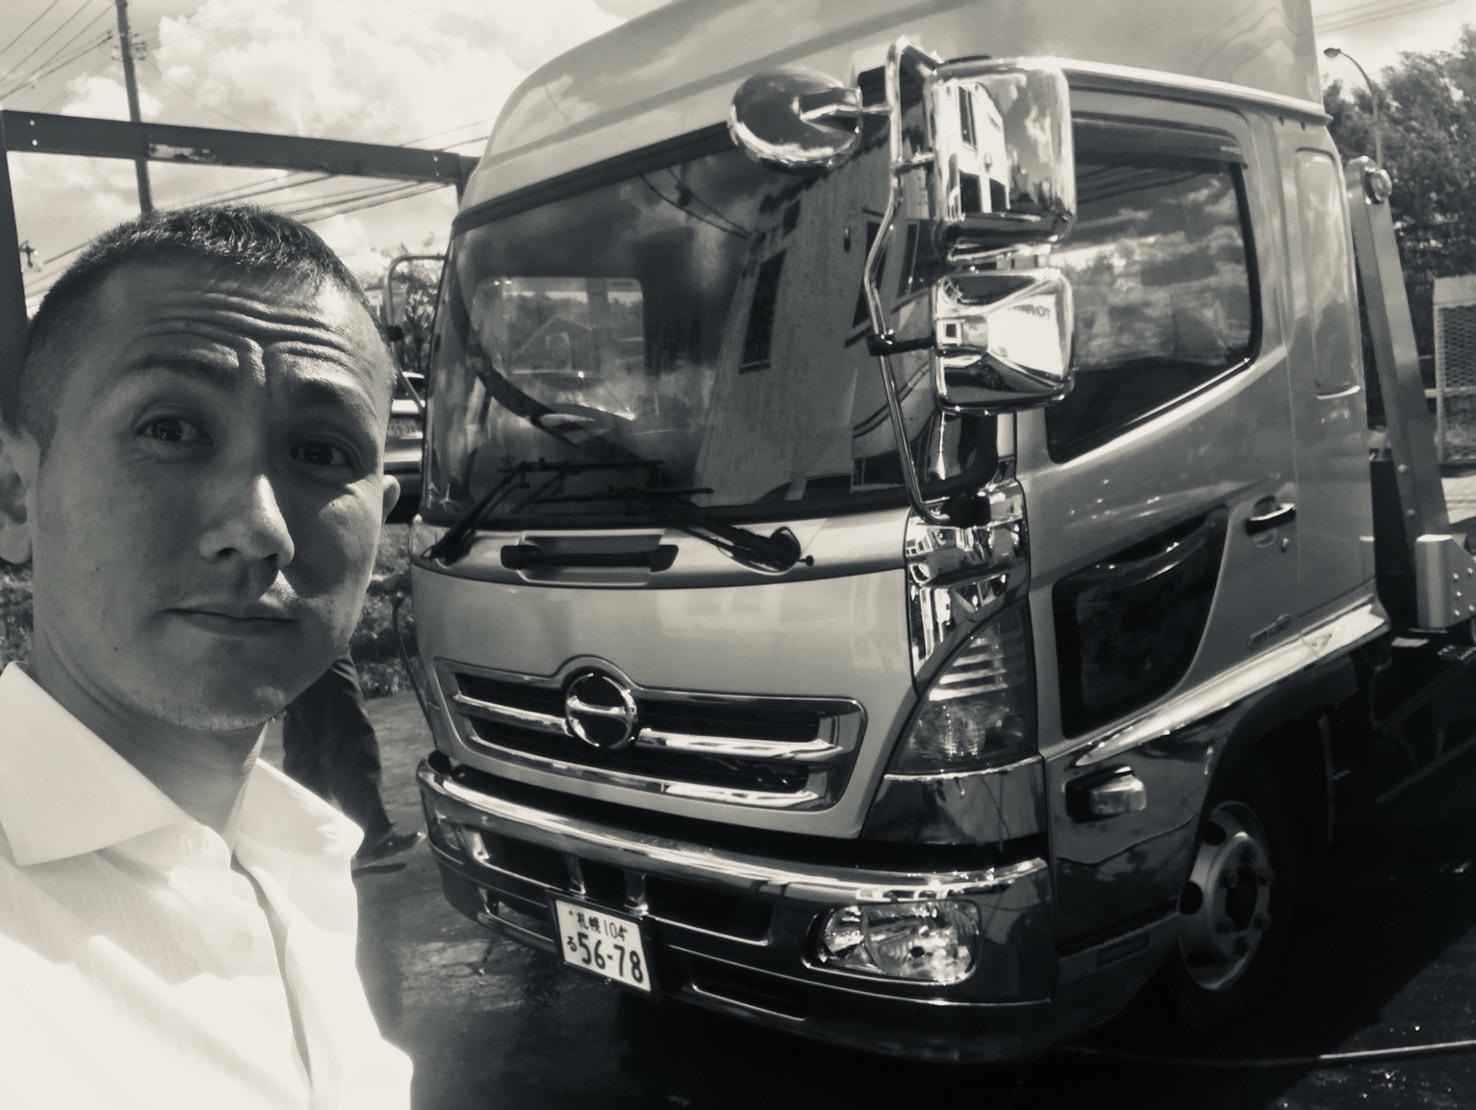 9月18日 火曜日の本店ブログ★キャンピングレンタカーありますよ♪ ランクル ハマー ハイエース _b0127002_18203986.jpg